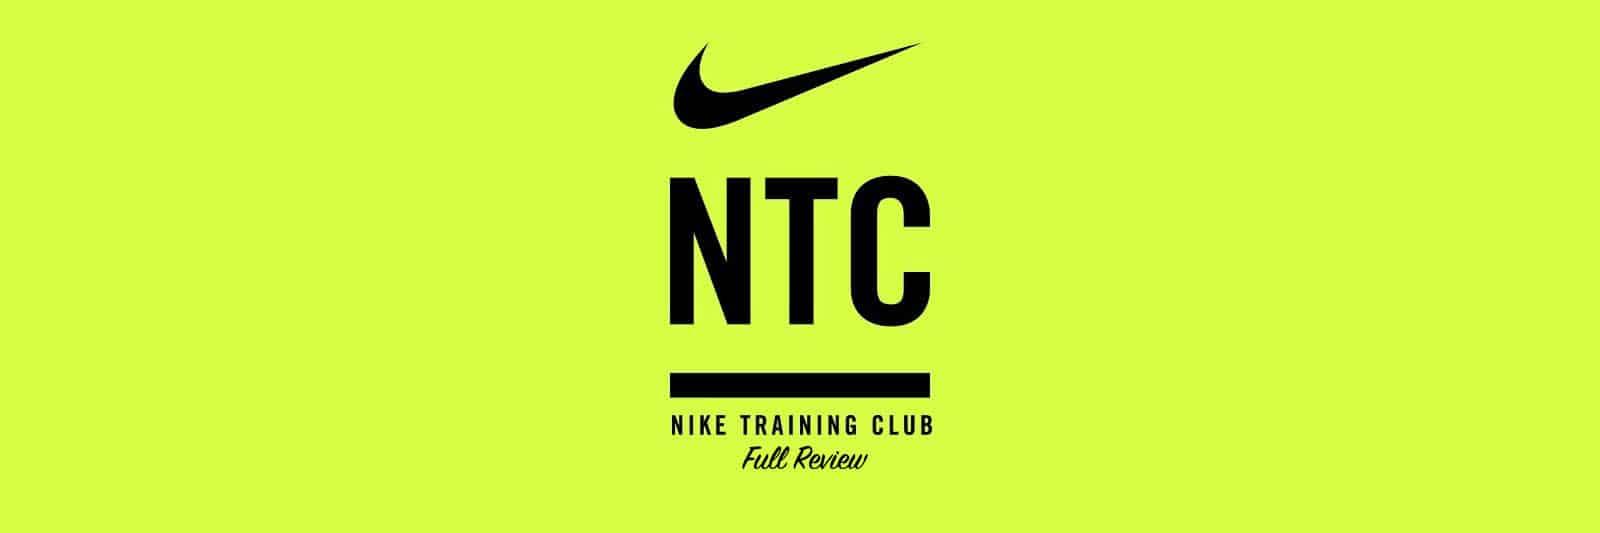 nike-training-club-review